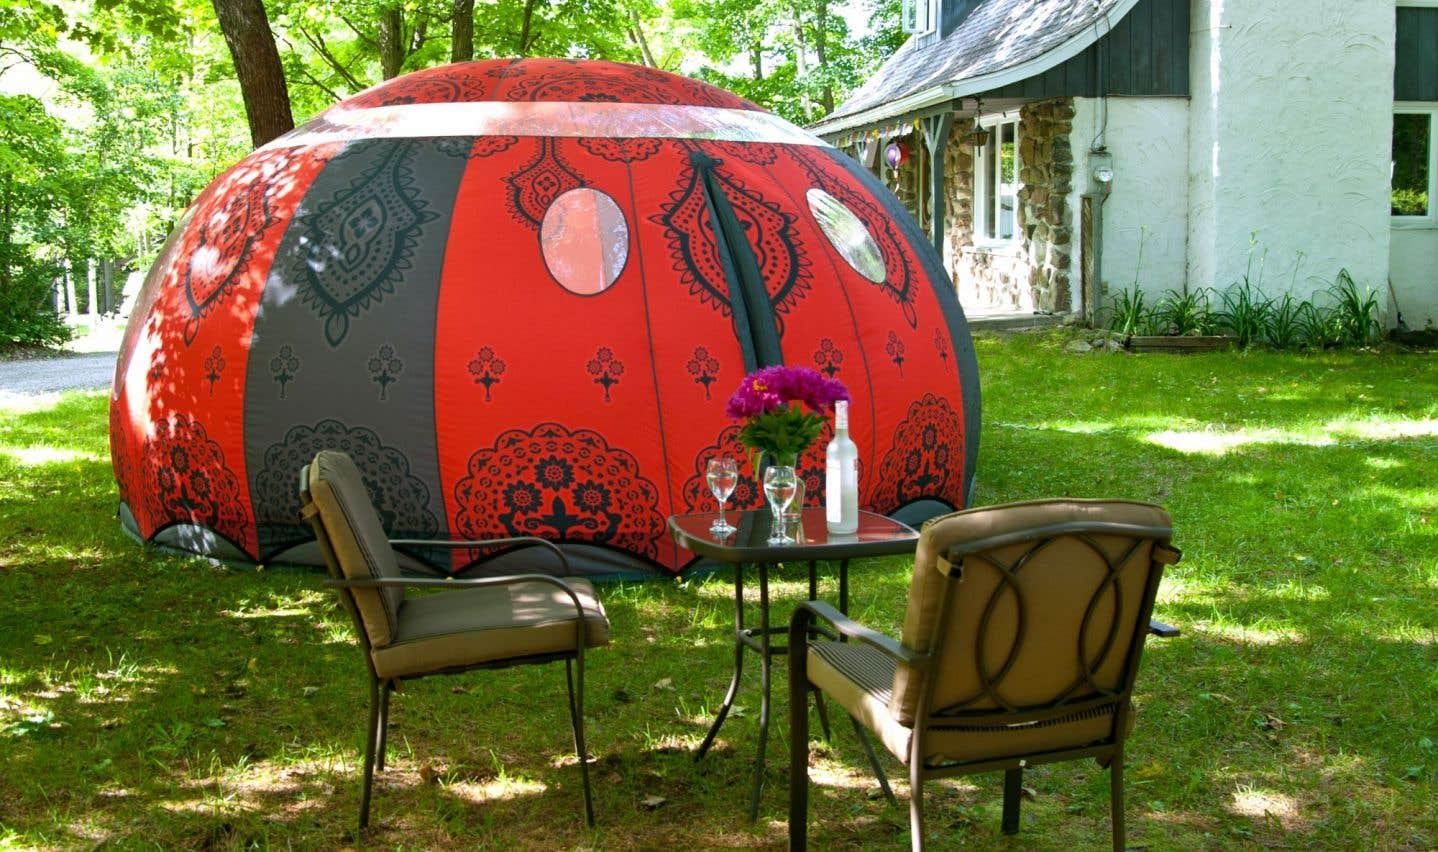 La maison gonflable B&B, de l'entreprise québécoise Cosy Bubble, ultime tendance du vivre dehors.